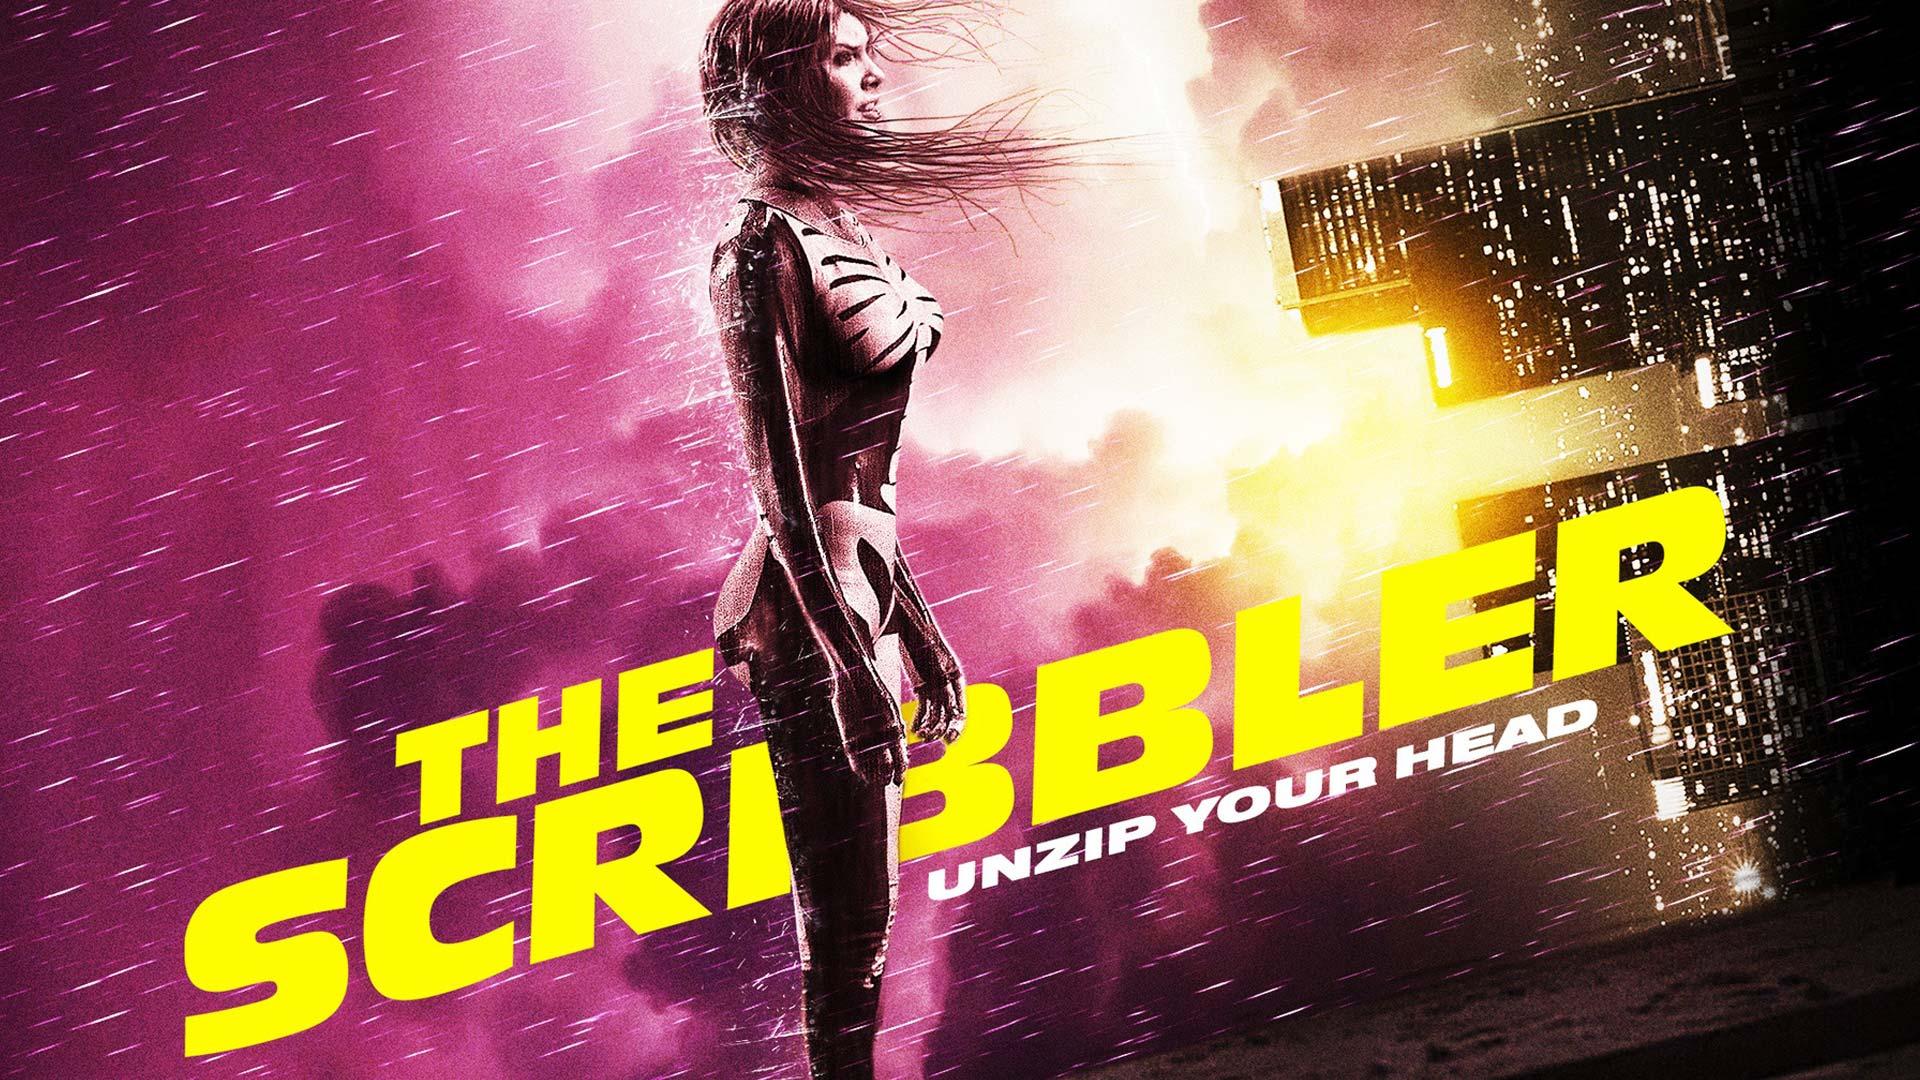 The Scribbler - Unzip your Head